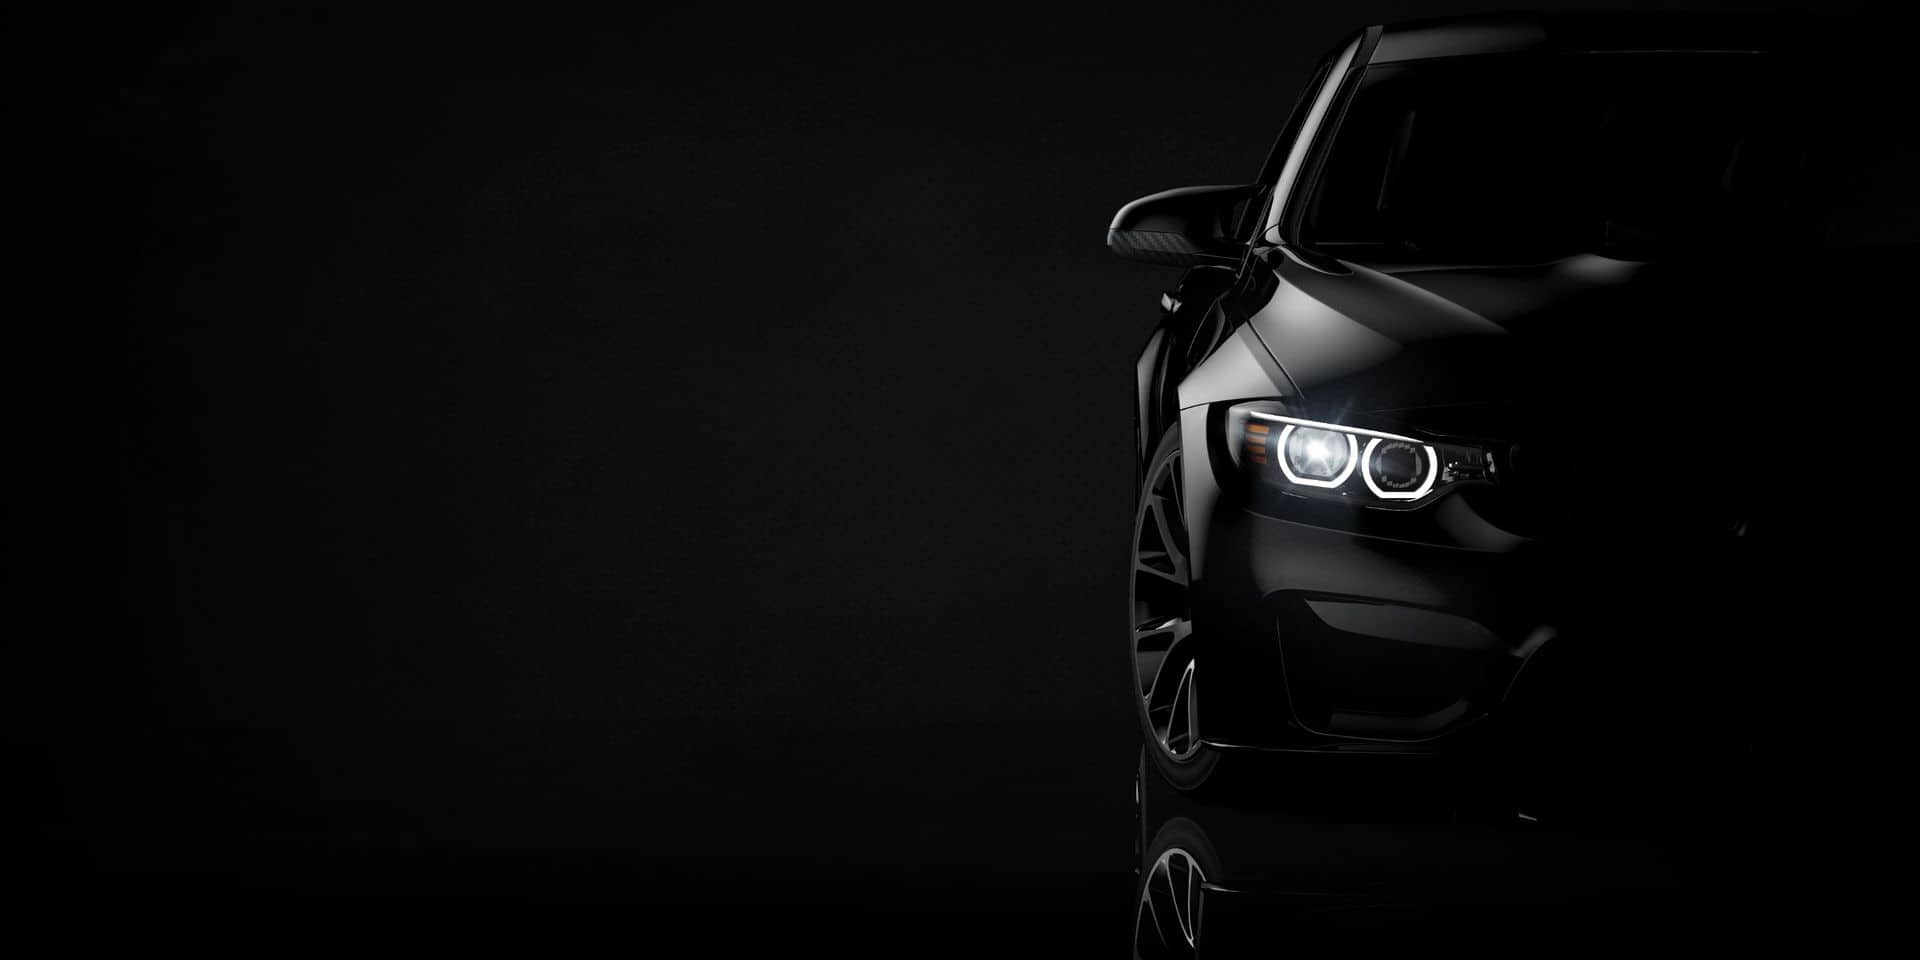 La voiture du futur sera celle qu'on ne fabriquera pas